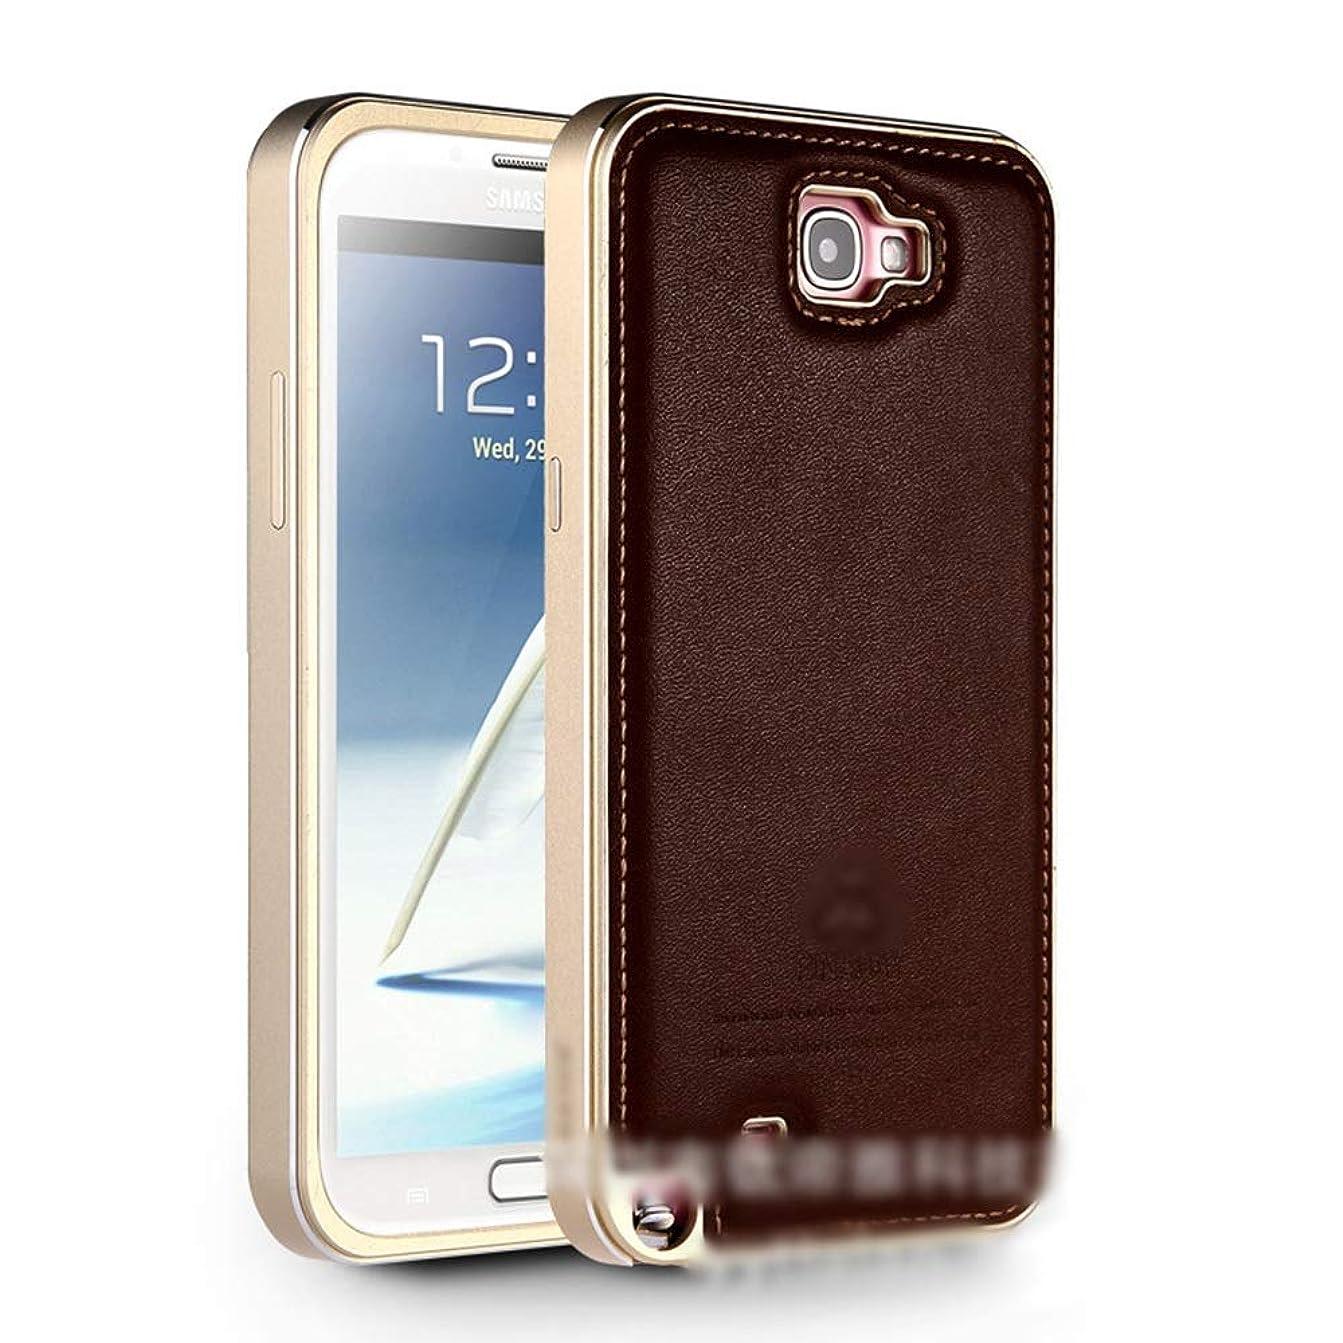 文房具グレートオークセンチメートルTonglilili 電話ケース、レザーケース飛散防止シェルサムスン注3、注4、注2、S5、S6のための新しい包括的な携帯電話保護カバー電話ケース (Color : Dark Brown, Edition : Note4)